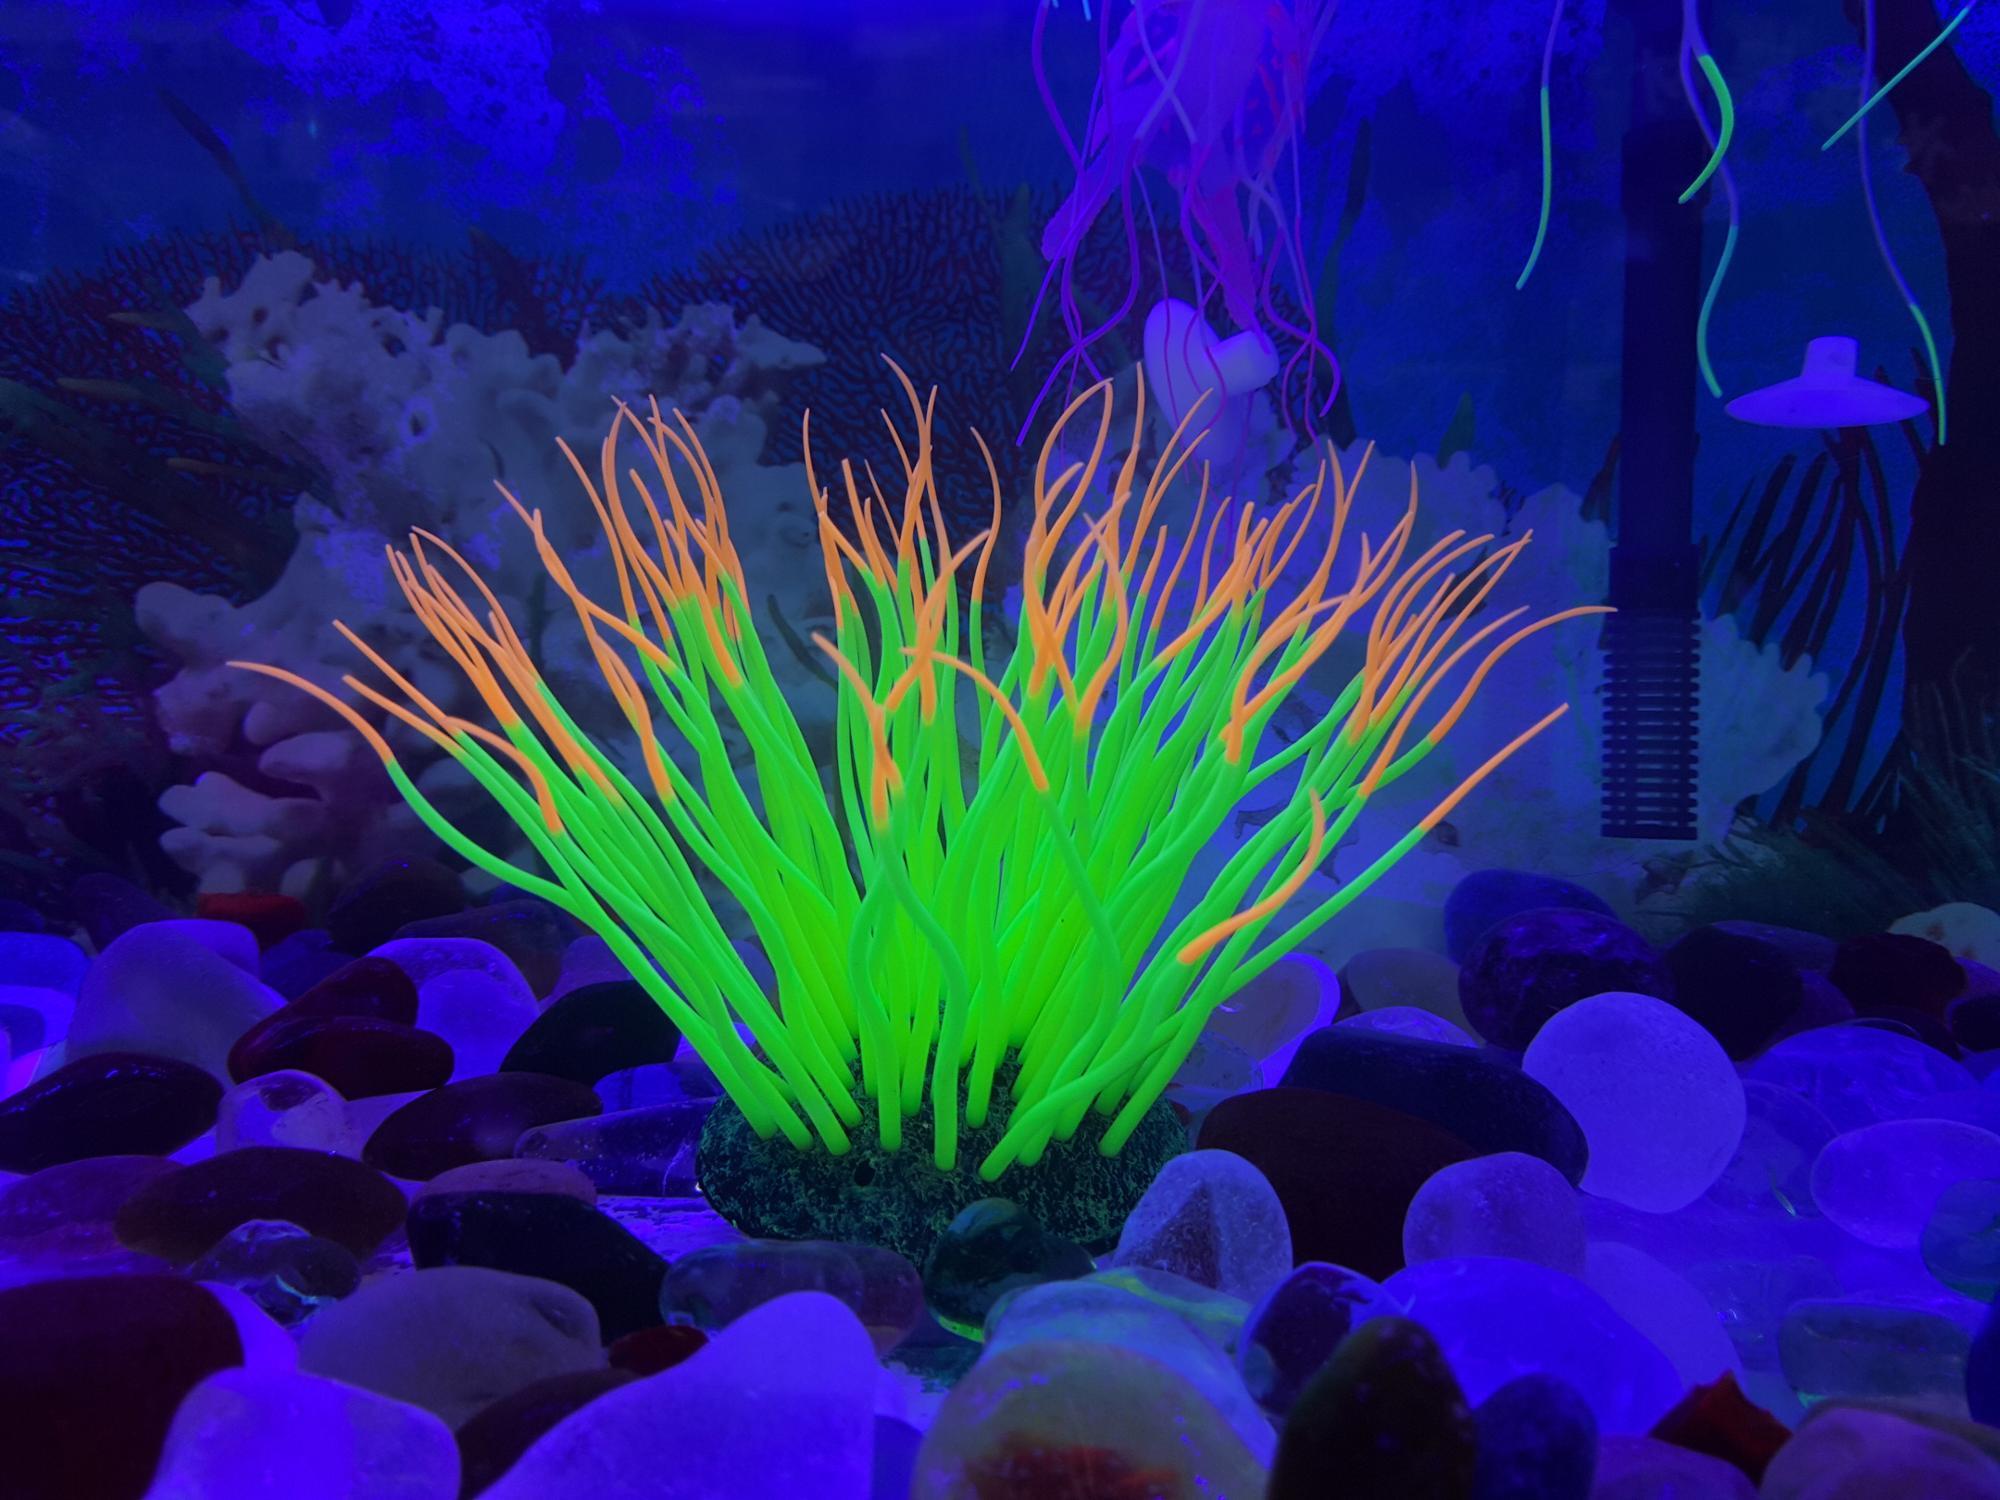 Silicon Komponenten Soft Gefalschte Seeanemone Artificial Korallen Fur Indoor Fisch Aquarium Dekoration Buy Kunstlichen Korallen Fur Aquarium Dekoration Kunstliche Aquarium Fur Korallen Kunstliche Korallenriff Aquarium Product On Alibaba Com